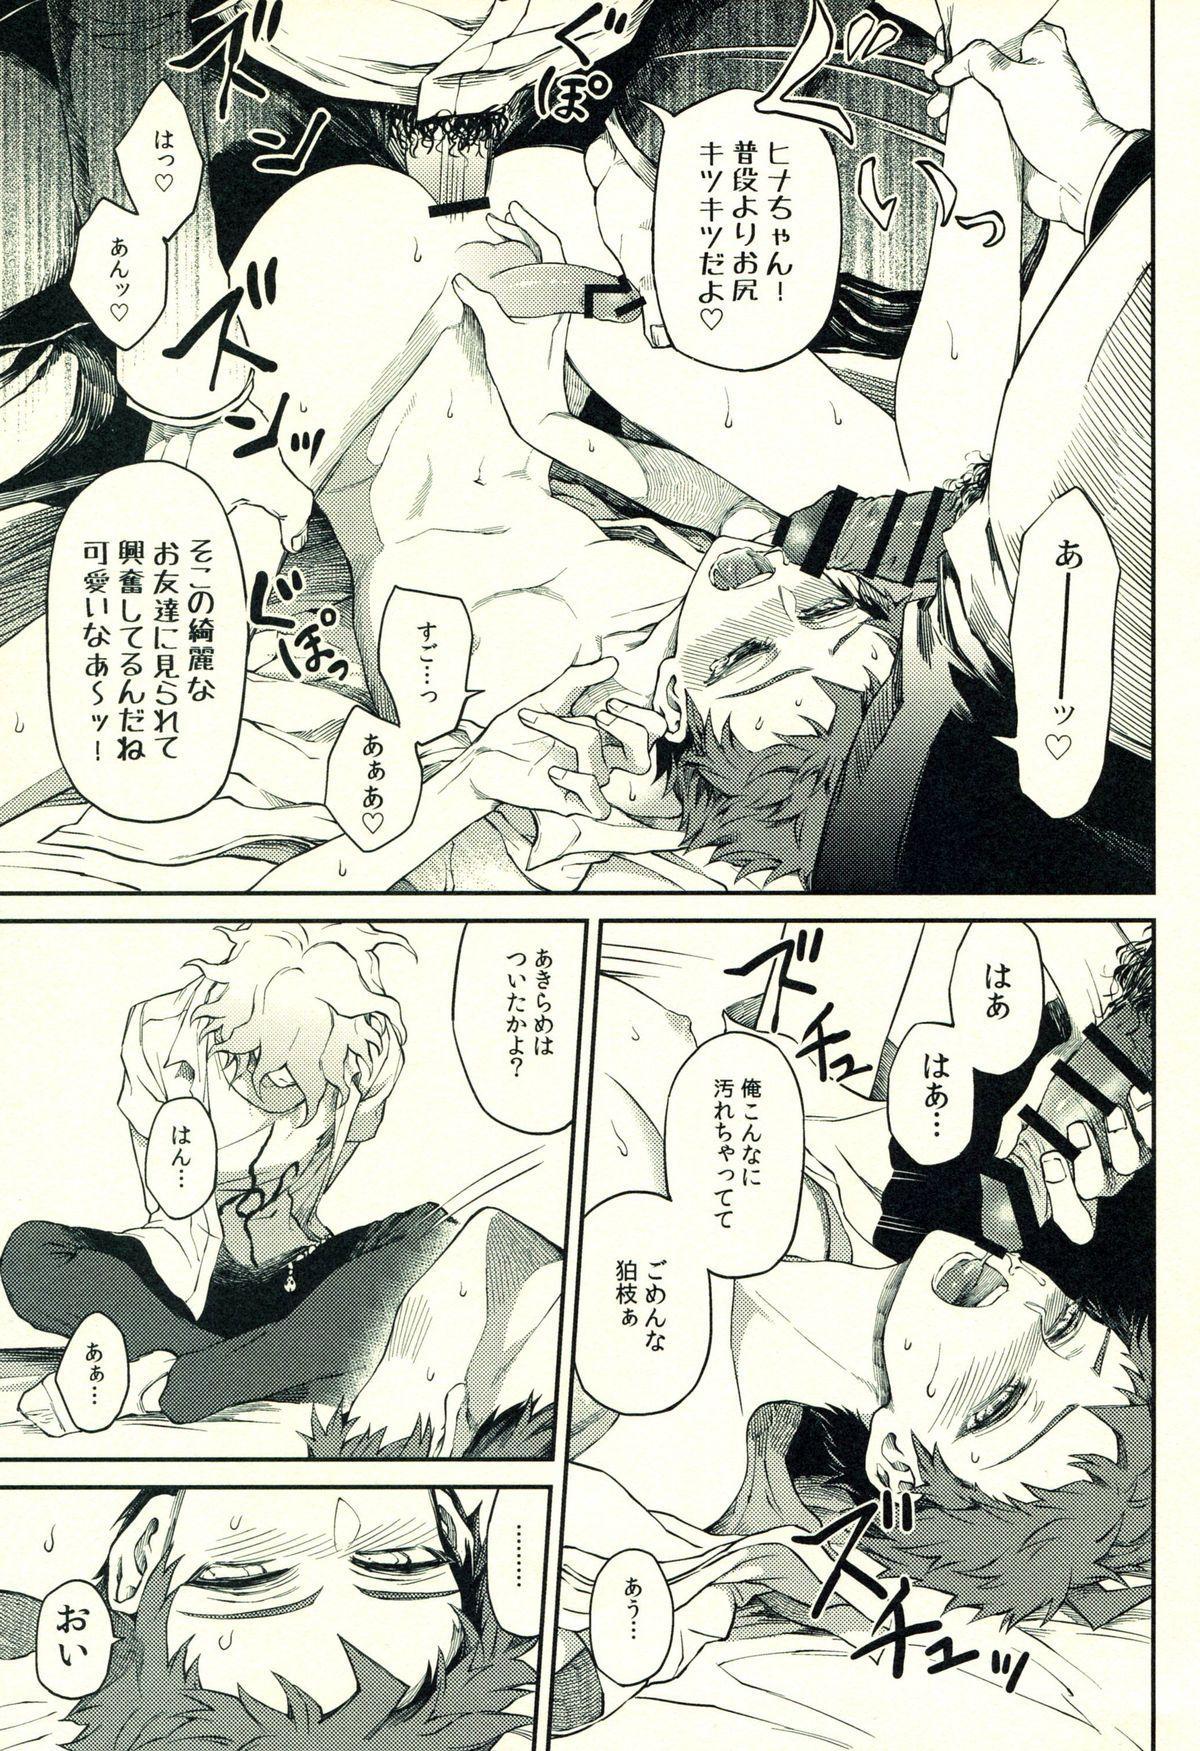 Hinata Hajime no Himitsu no Jikan 5